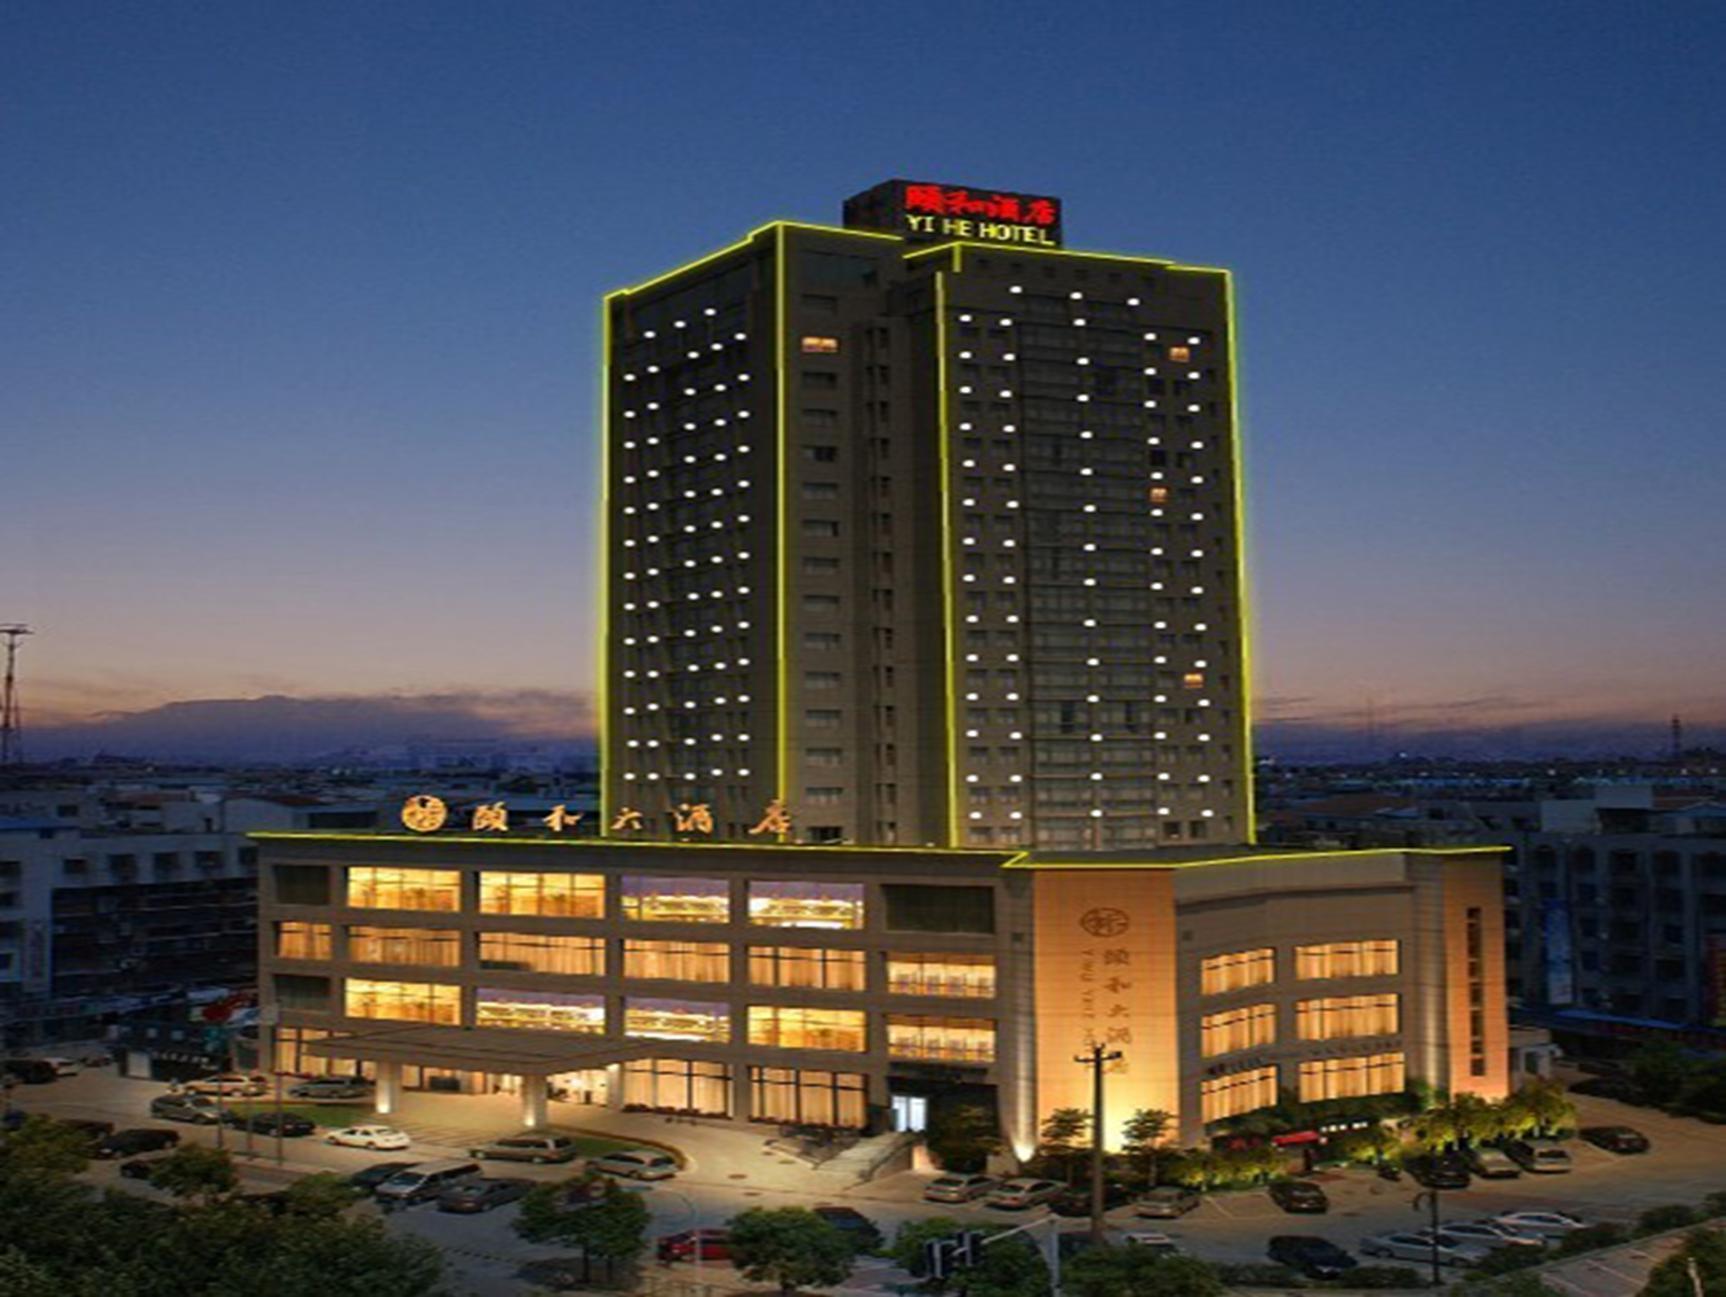 Yihe Hotel - Yiwu